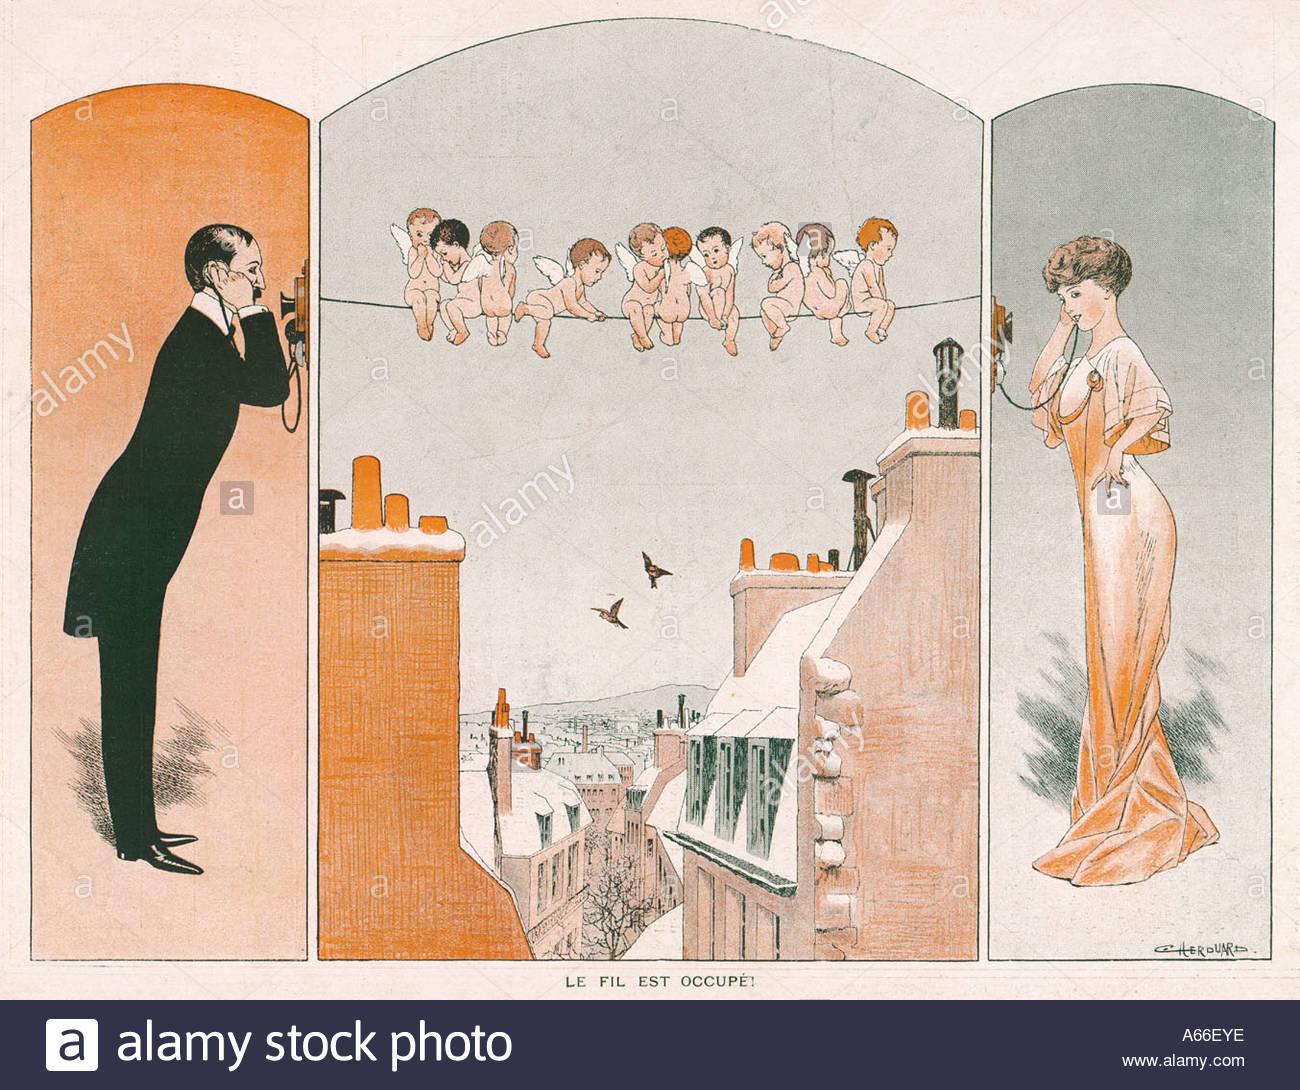 Fil De Joie 1908 - Stock Image